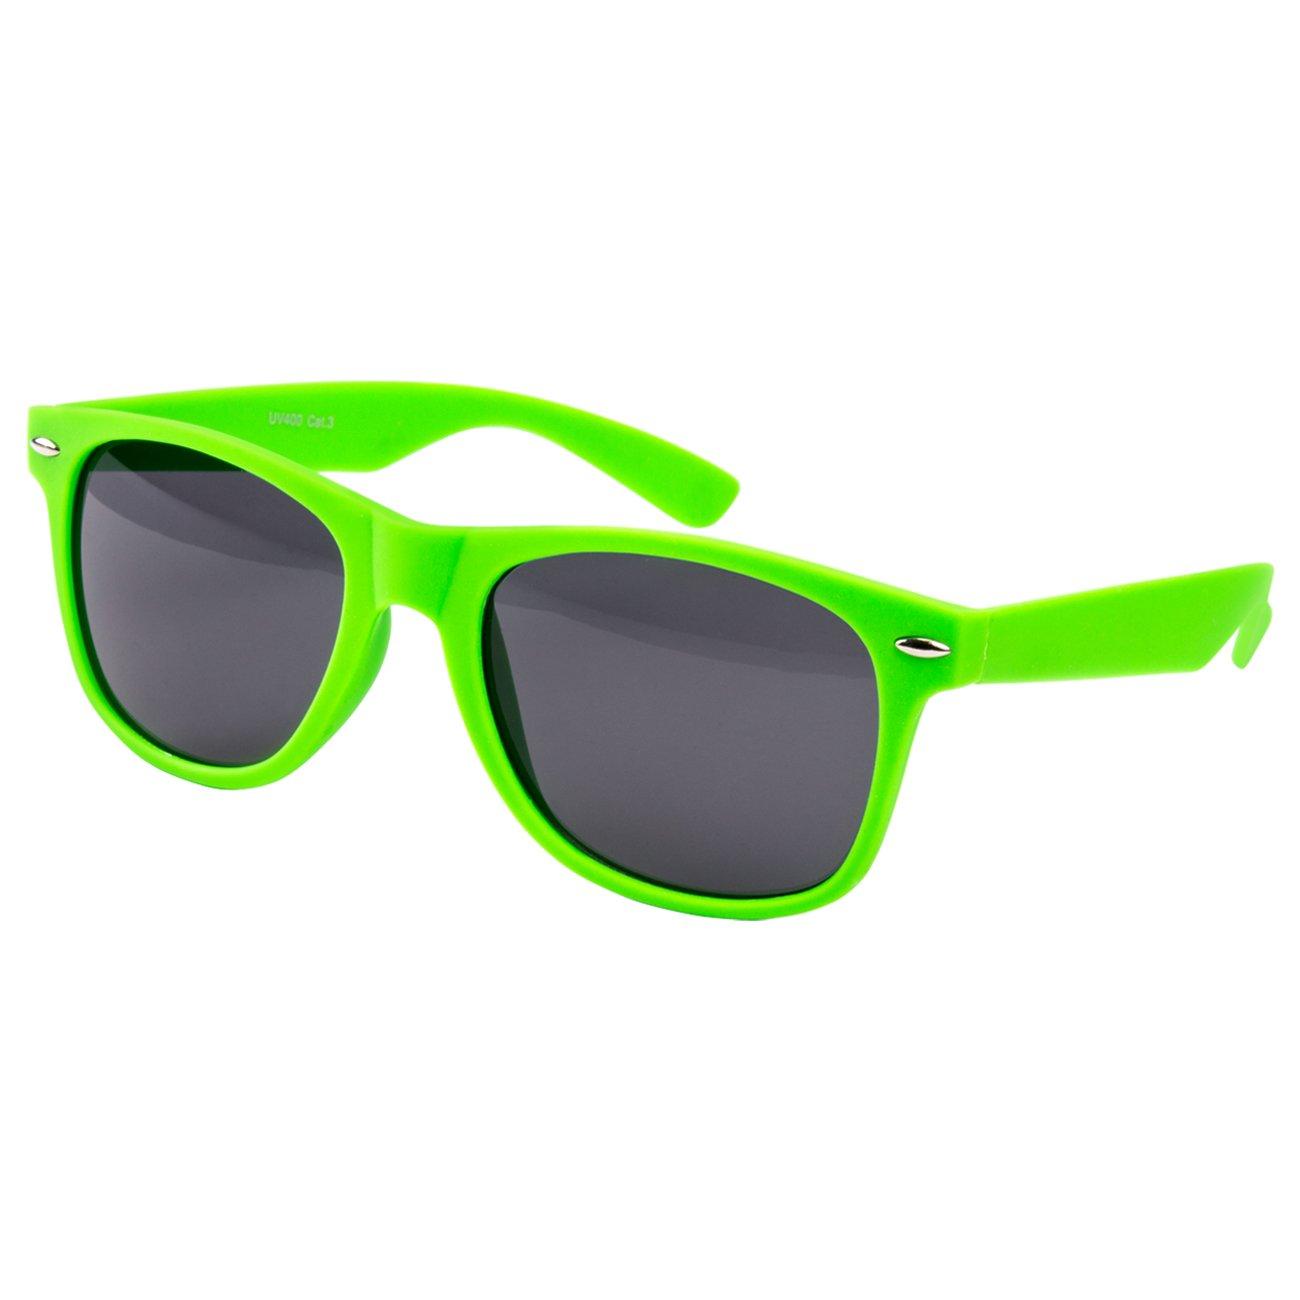 2 er Set EL-Sunprotect Sonnenbrille Nerdbrille Brille Nerd Matt ...